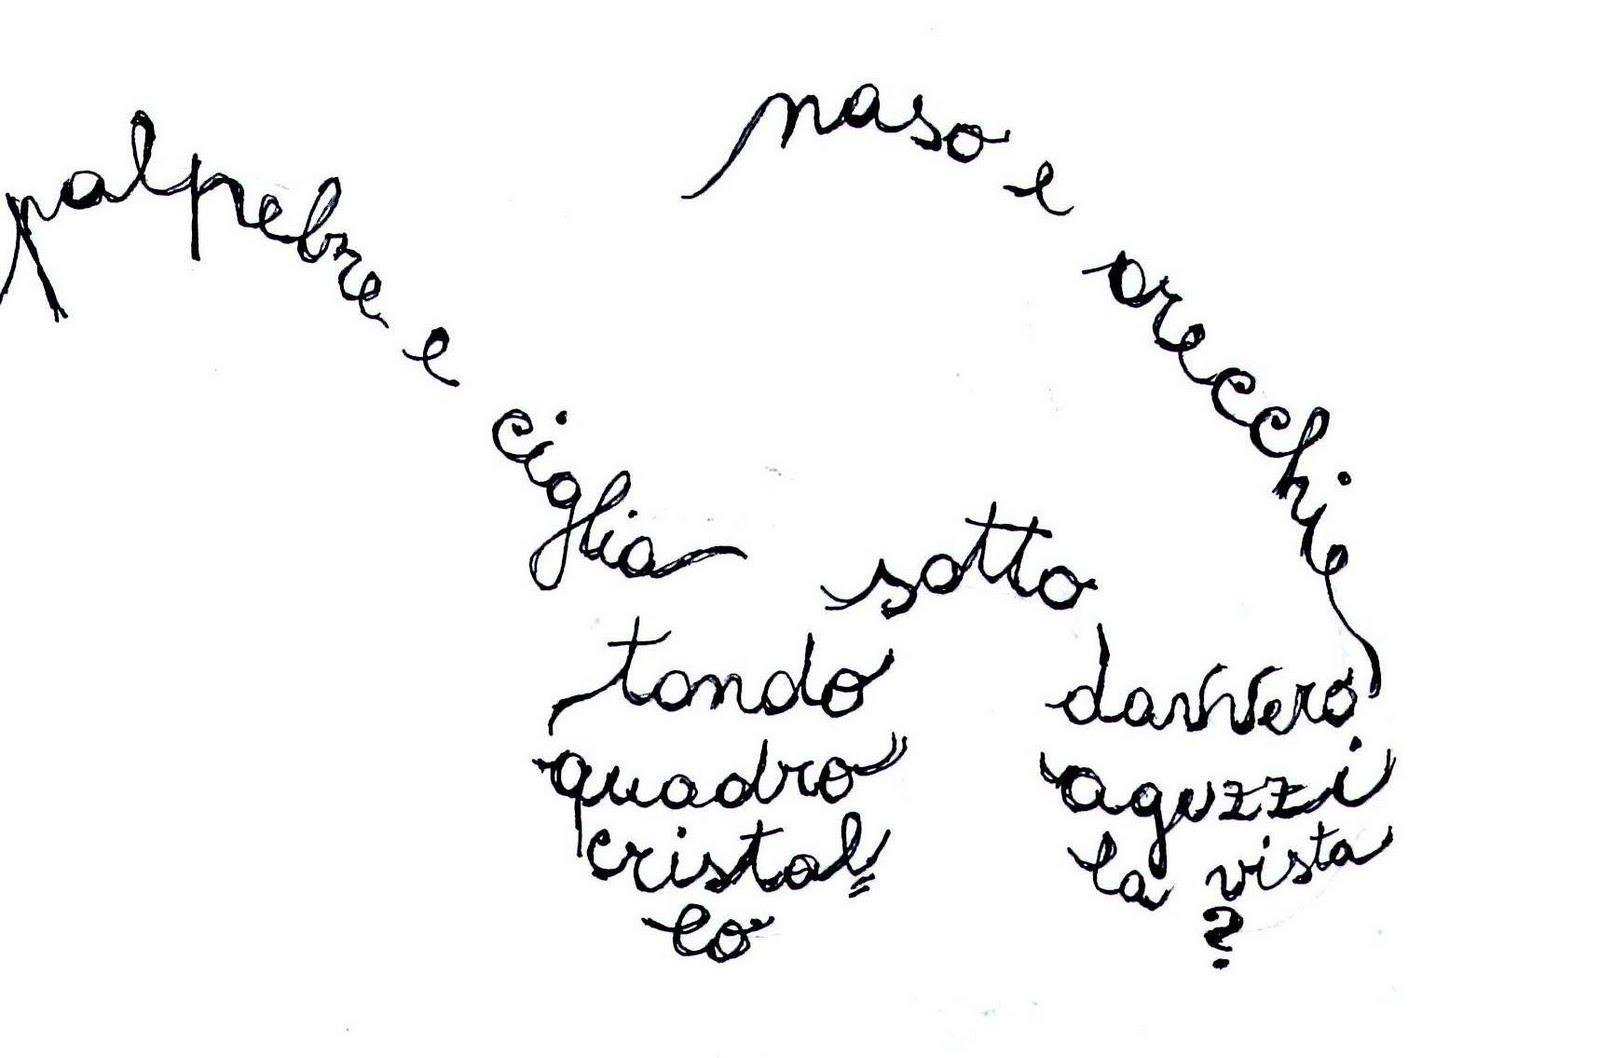 iacta est: Parole e disegni